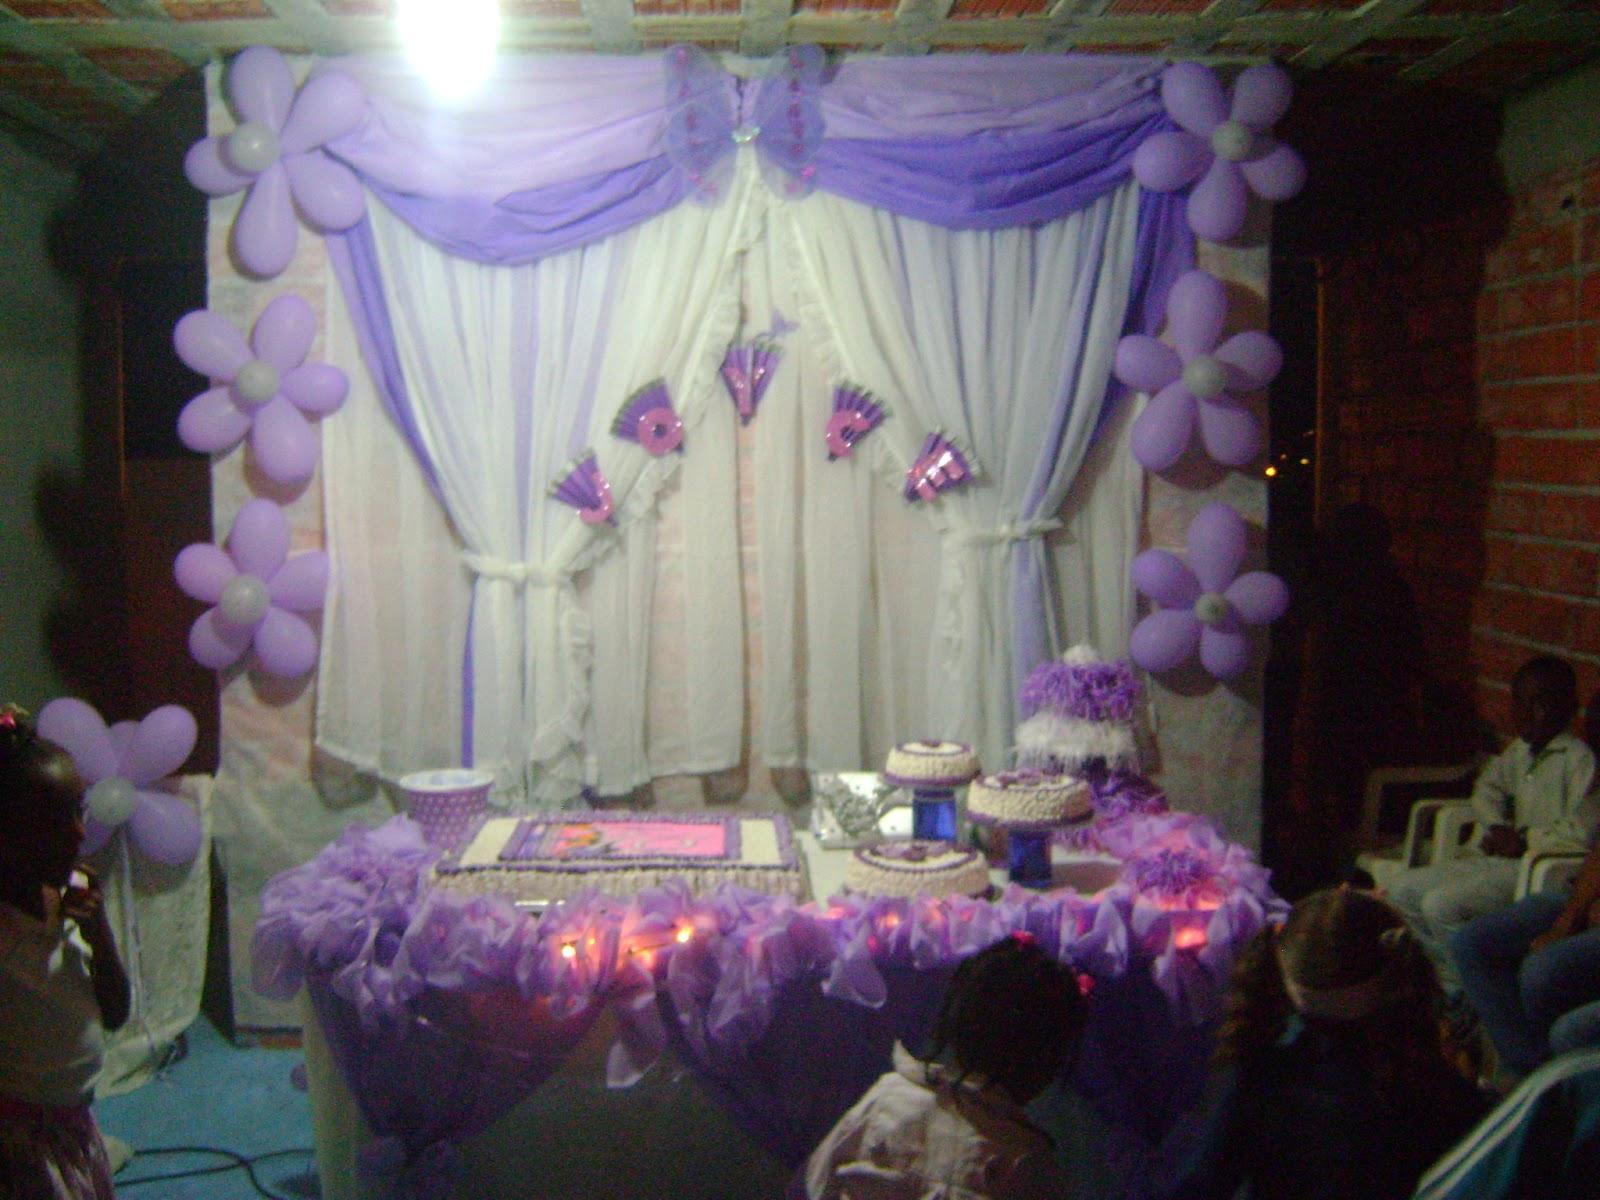 TIA DIDA CRIAN u00c7AS PARA CRISTO faça vc mesma a decoraç u00e3o de aniversario,casamento,etc use a sua  -> Decoração Simples De Aniversário Com Tnt